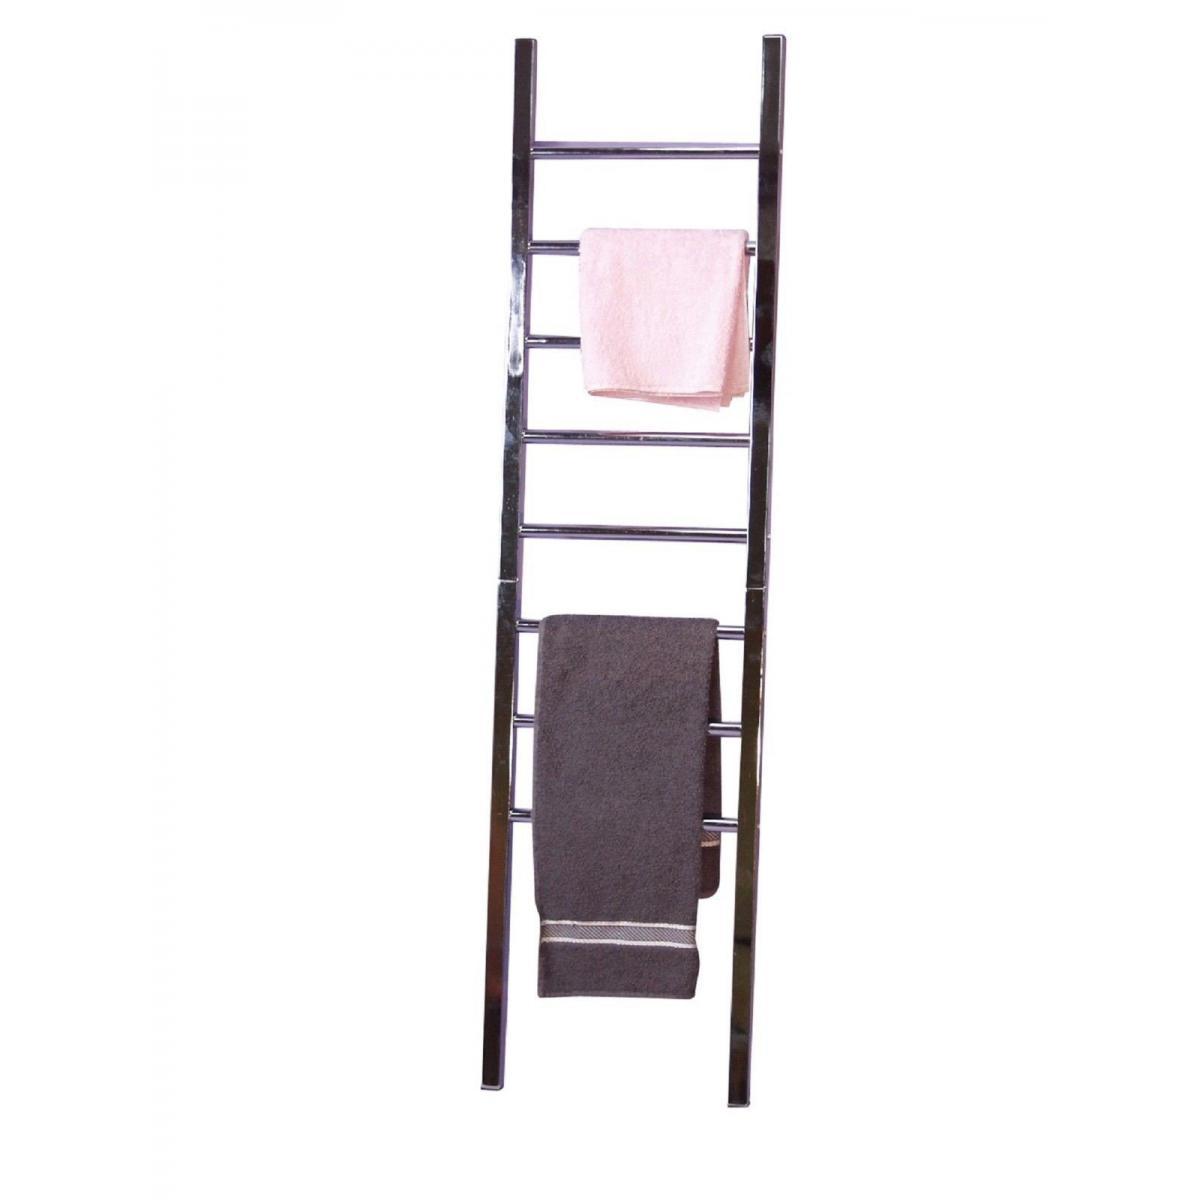 Decoshop26 Porte-serviettes échelle de rangement salle de bain SDB05011